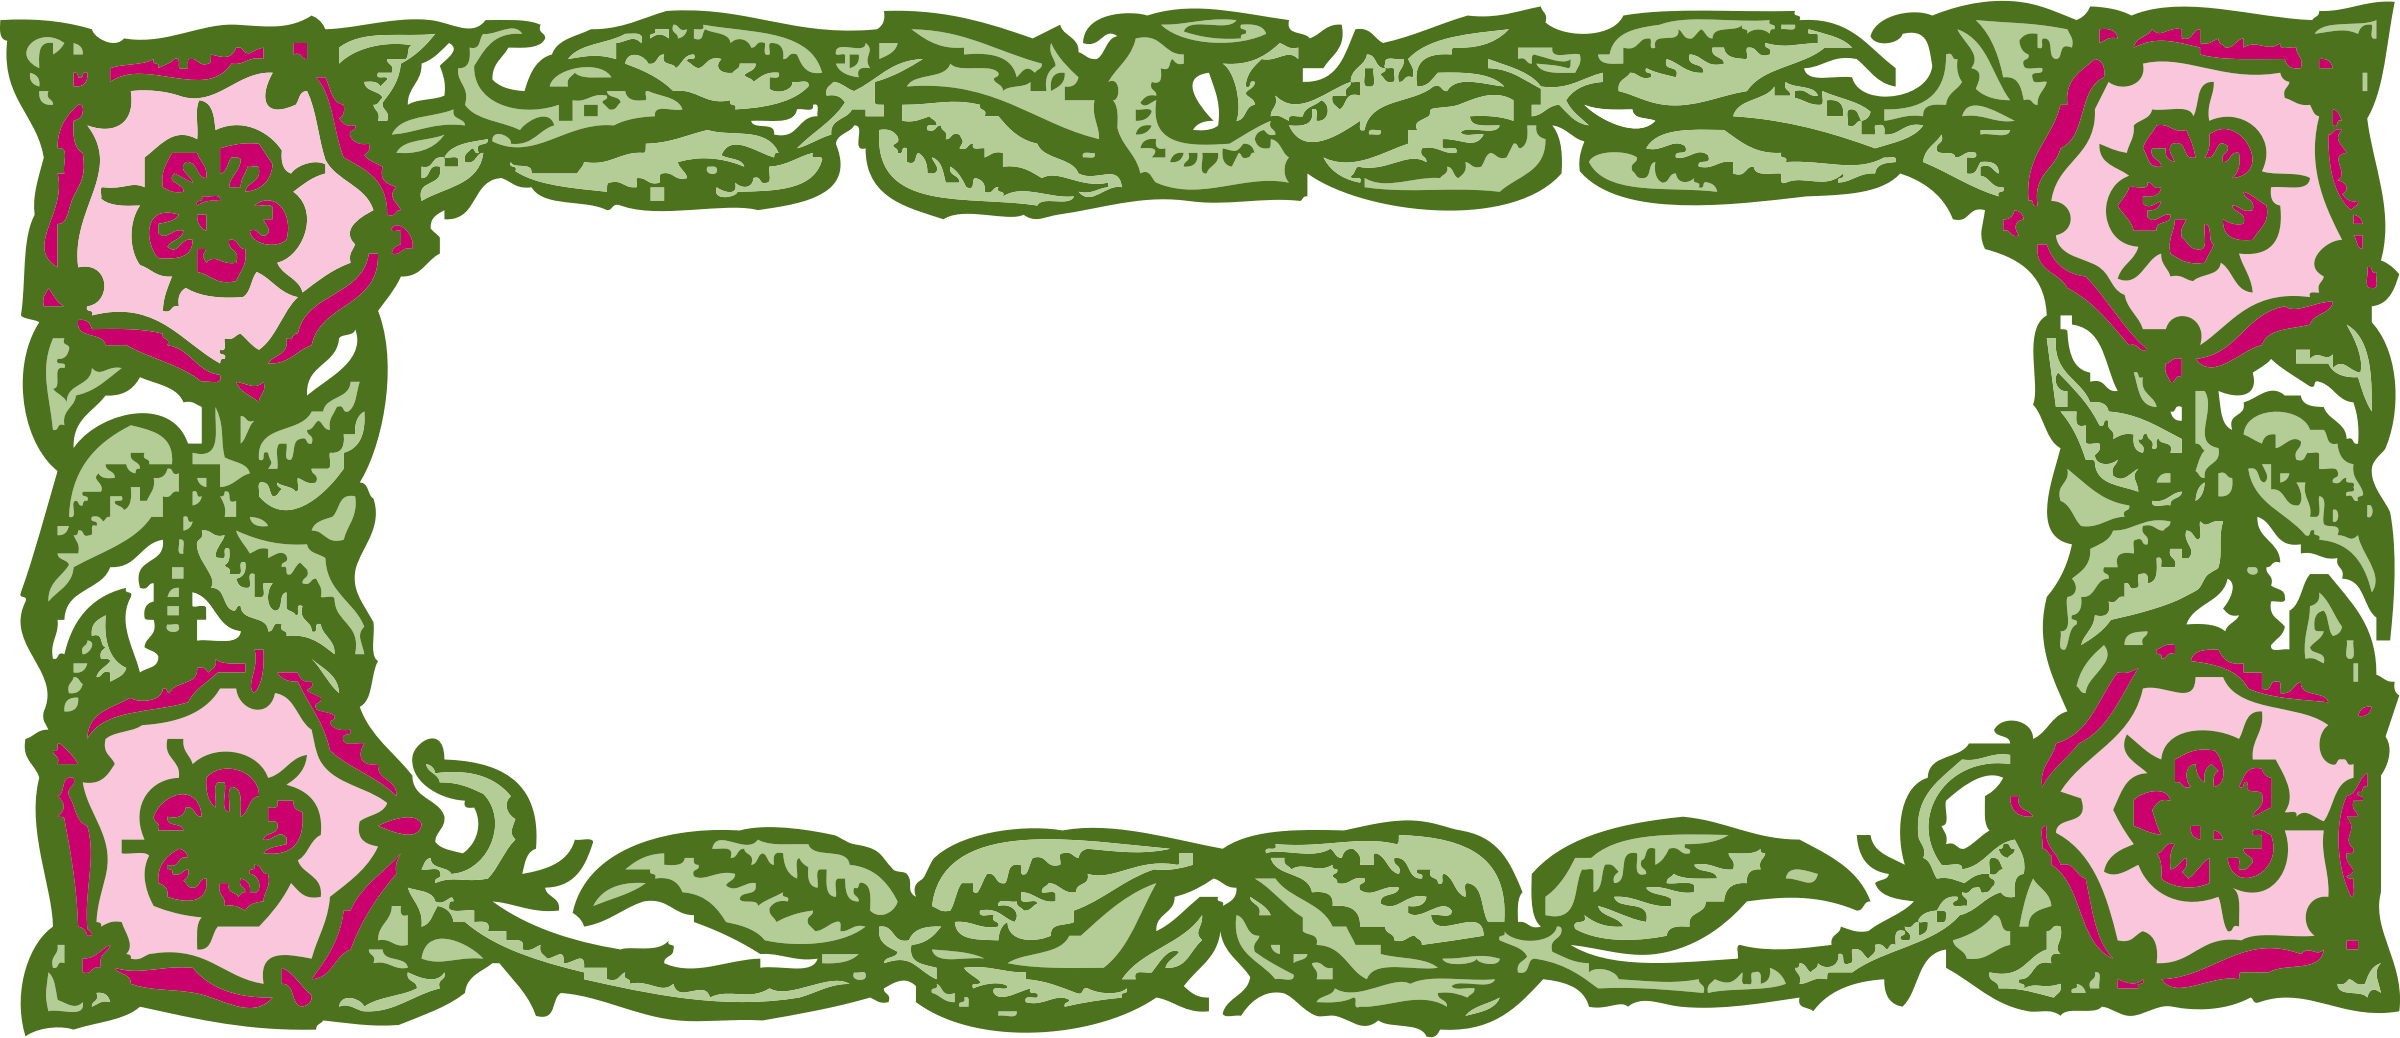 Frame big image png. Clipart leaf floral